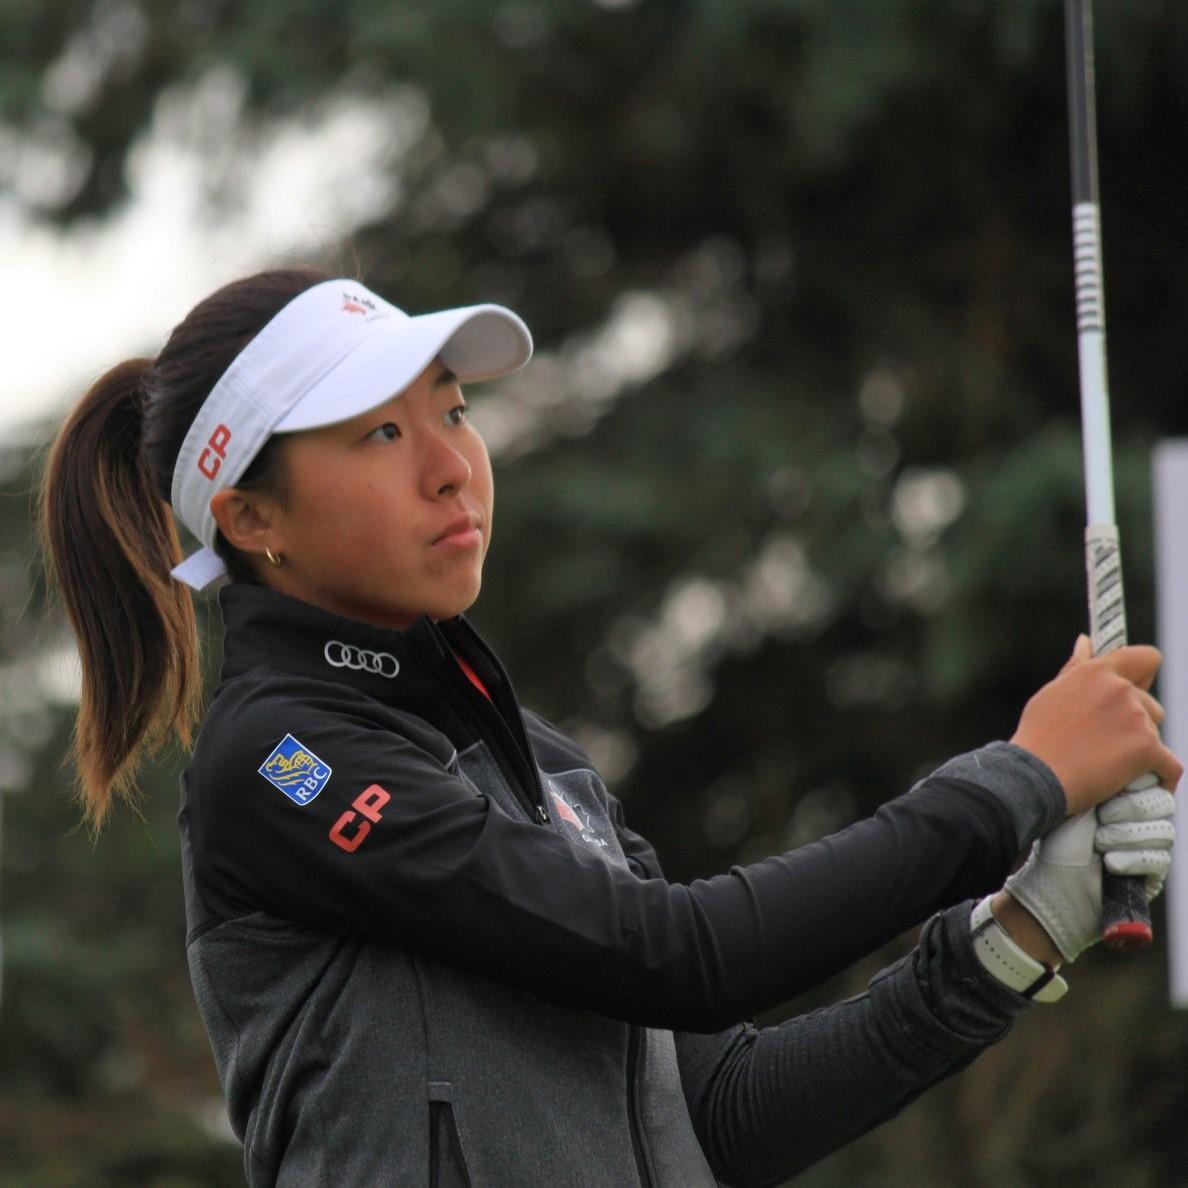 Lauren Kim